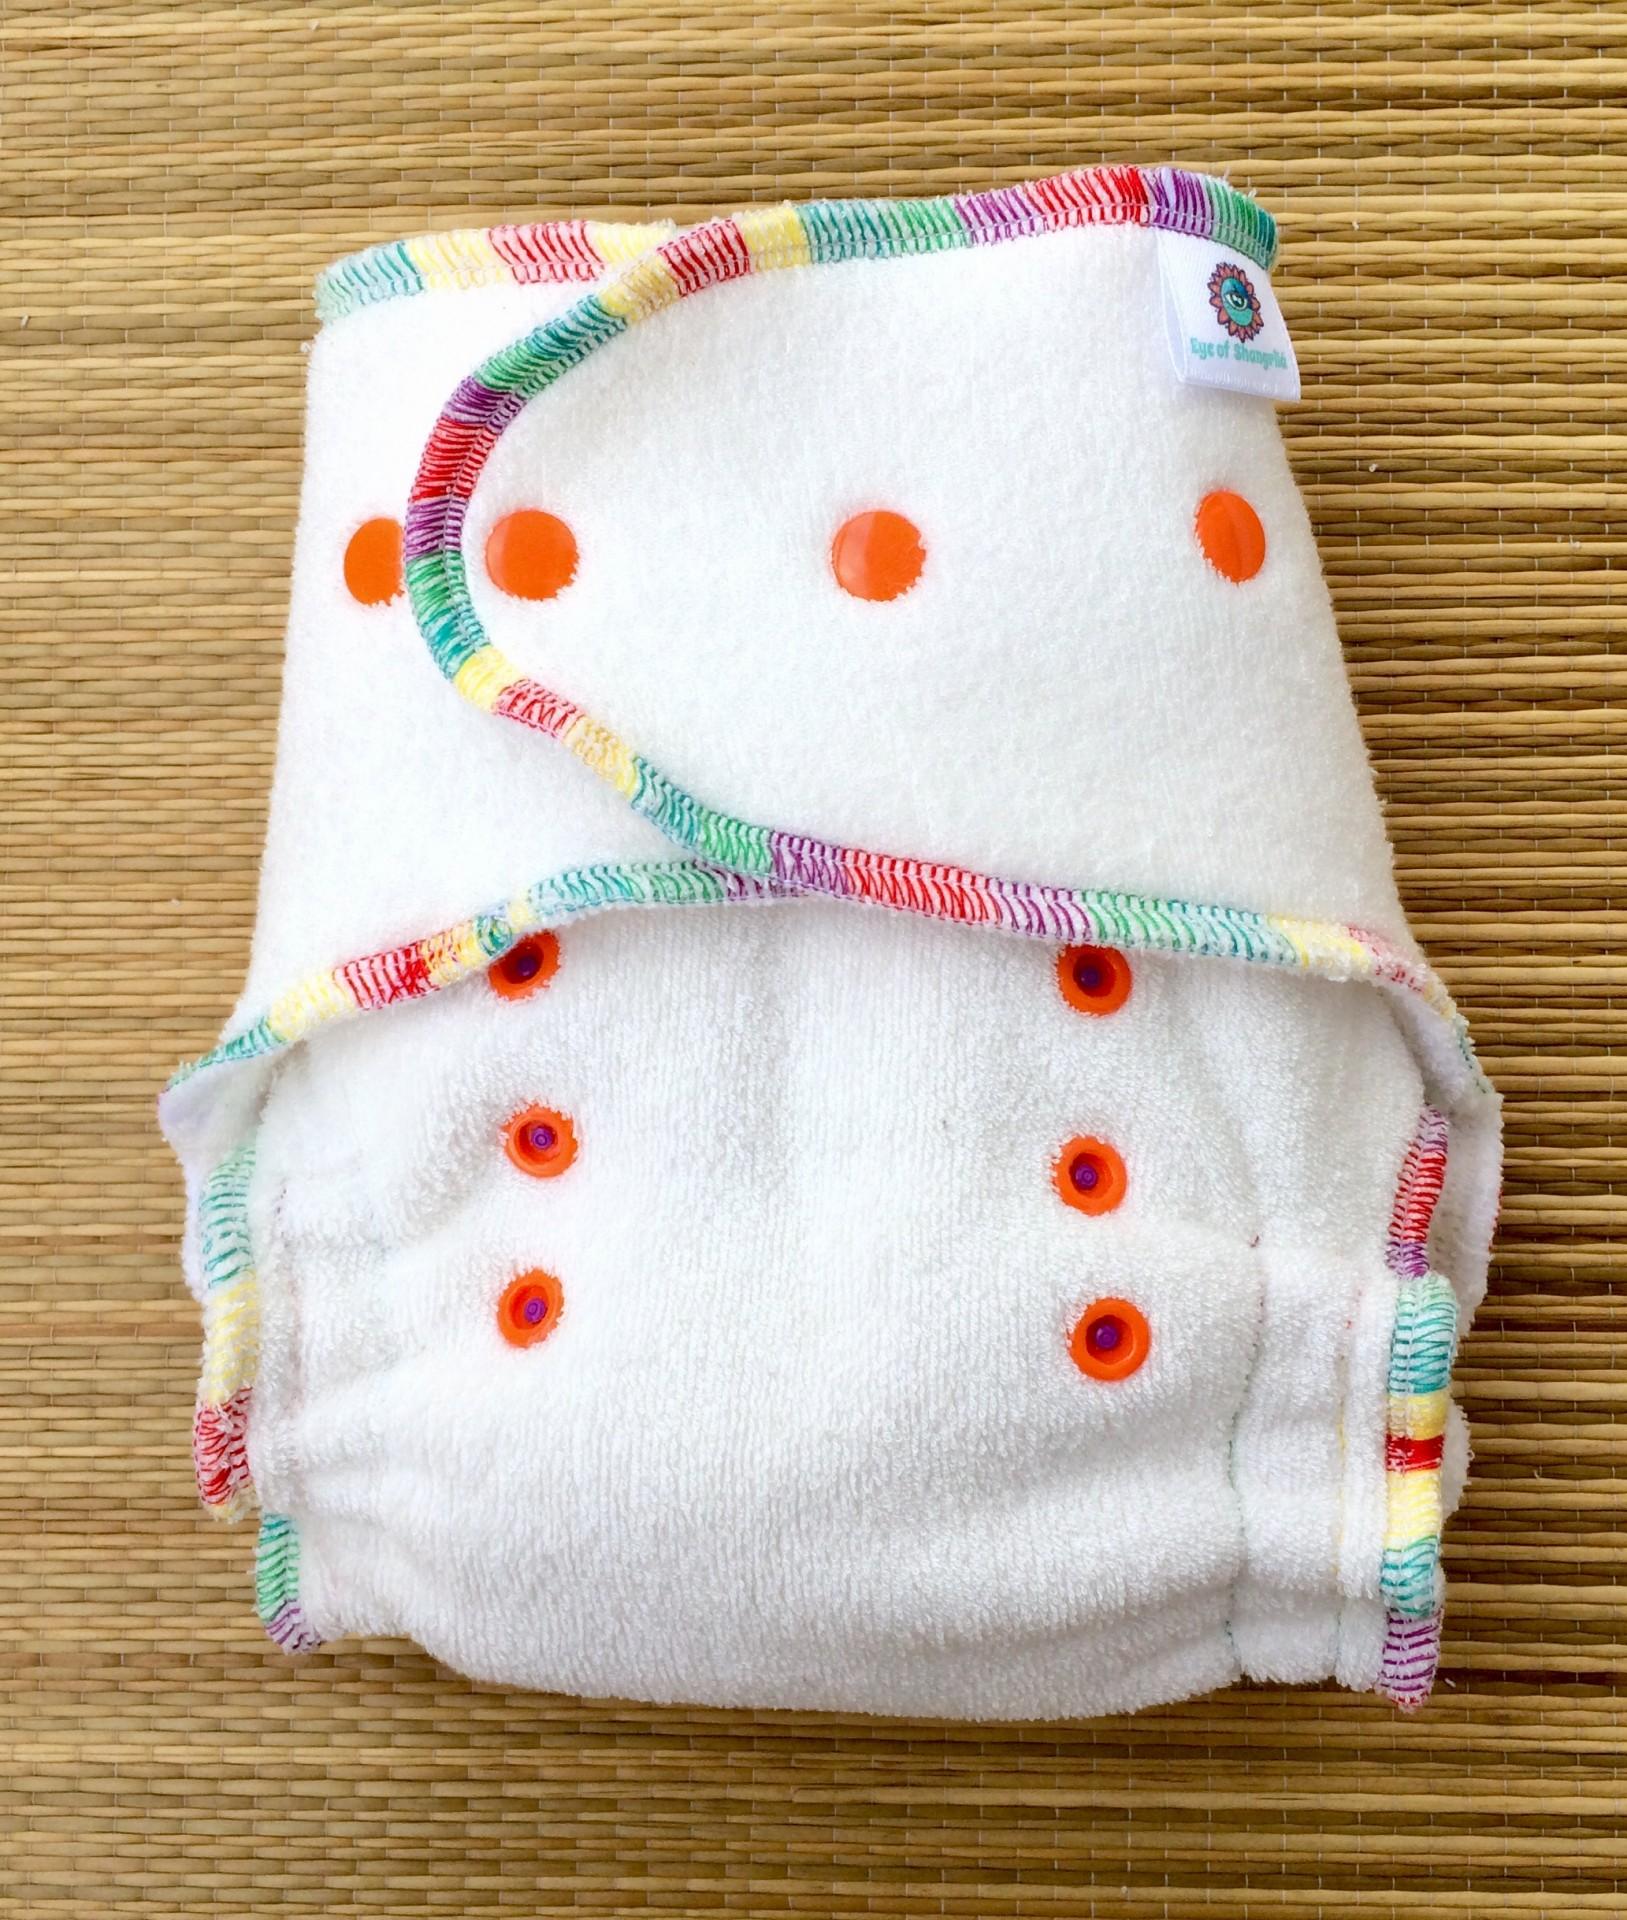 Fralda Ajustada Fluffy Rainbow/ Fluffy rainbow fitted diaper OS